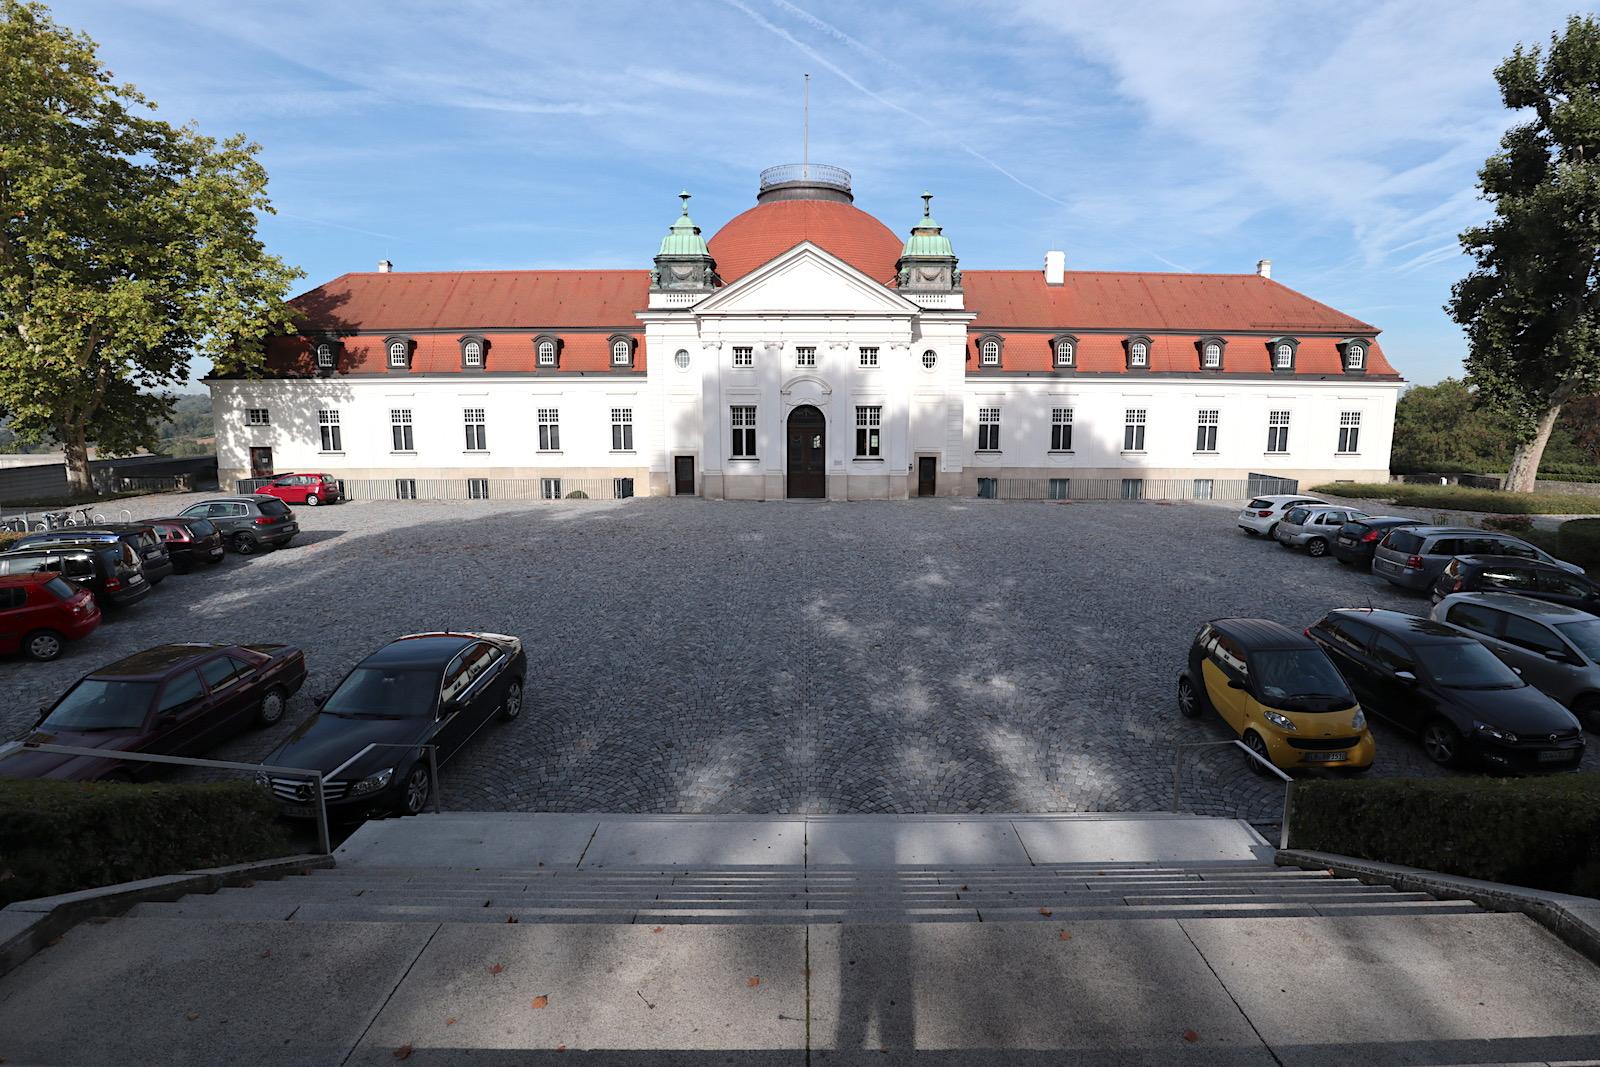 Aura Architektur Auf Der Anhohe Marbach Deutschland The